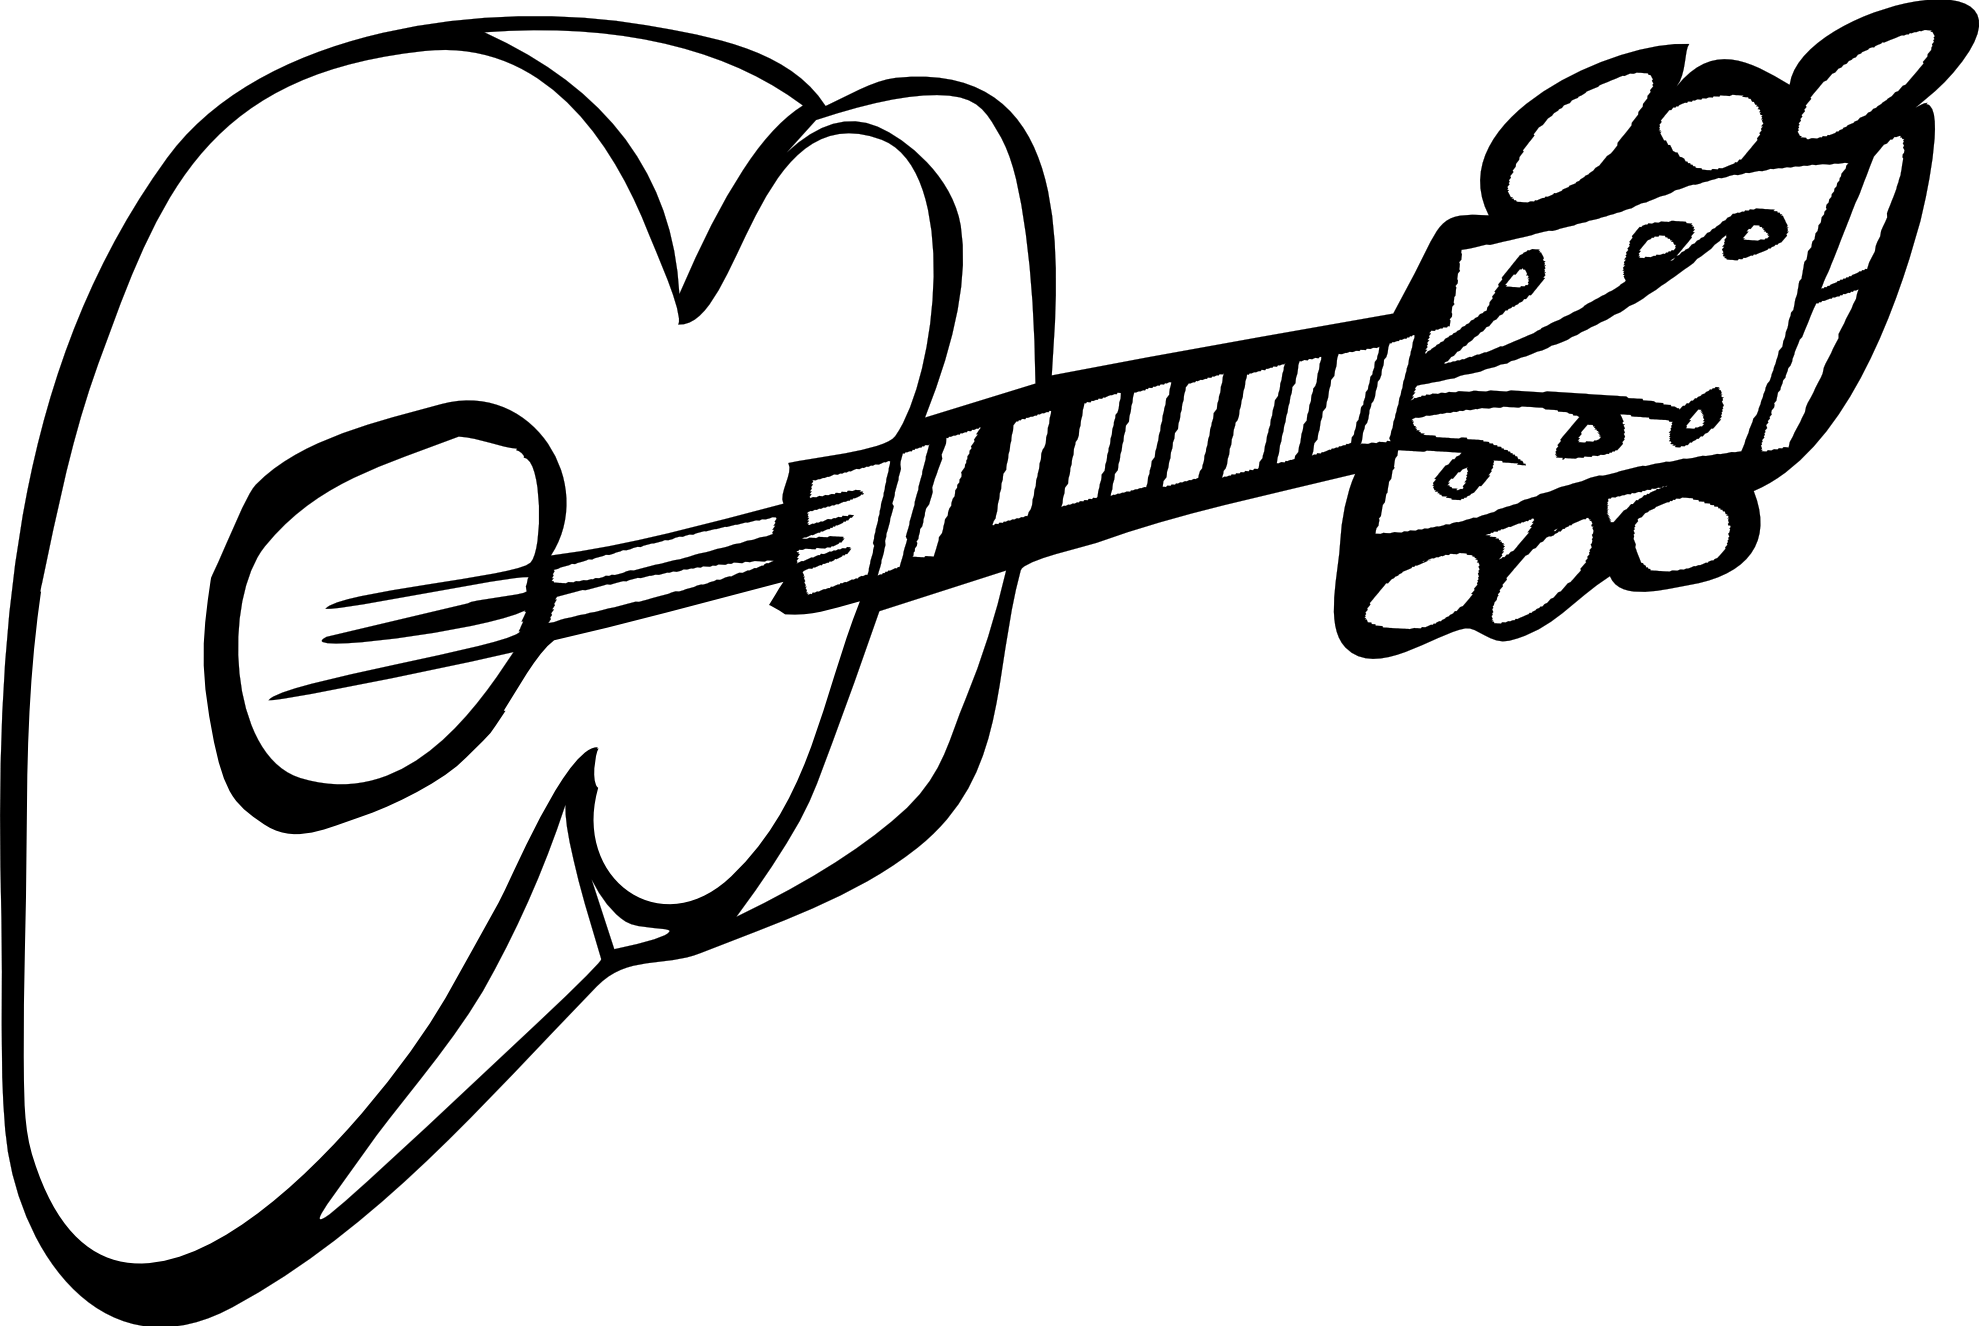 guitar clip art black